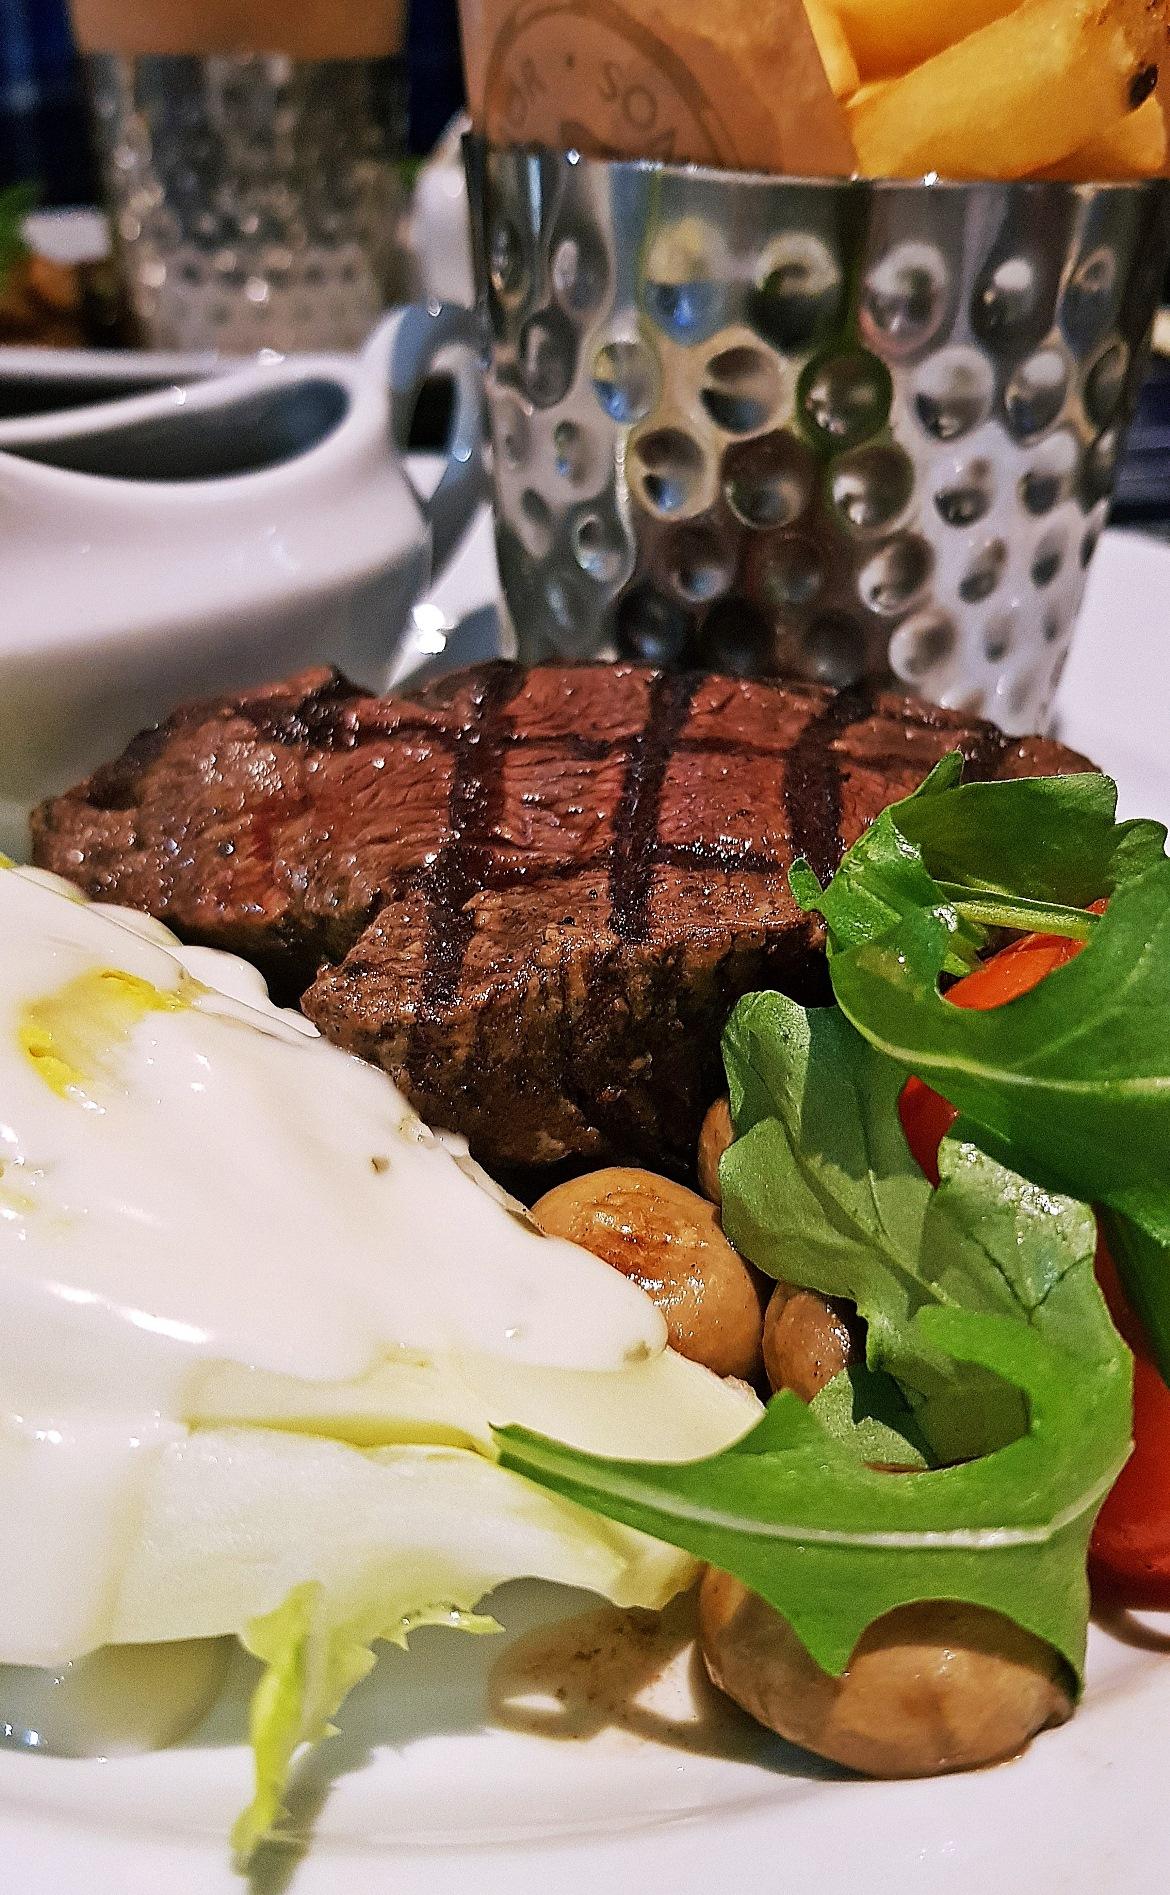 Fillet steak - Grosvenor Casino Leeds review by BeckyBecky Blogs